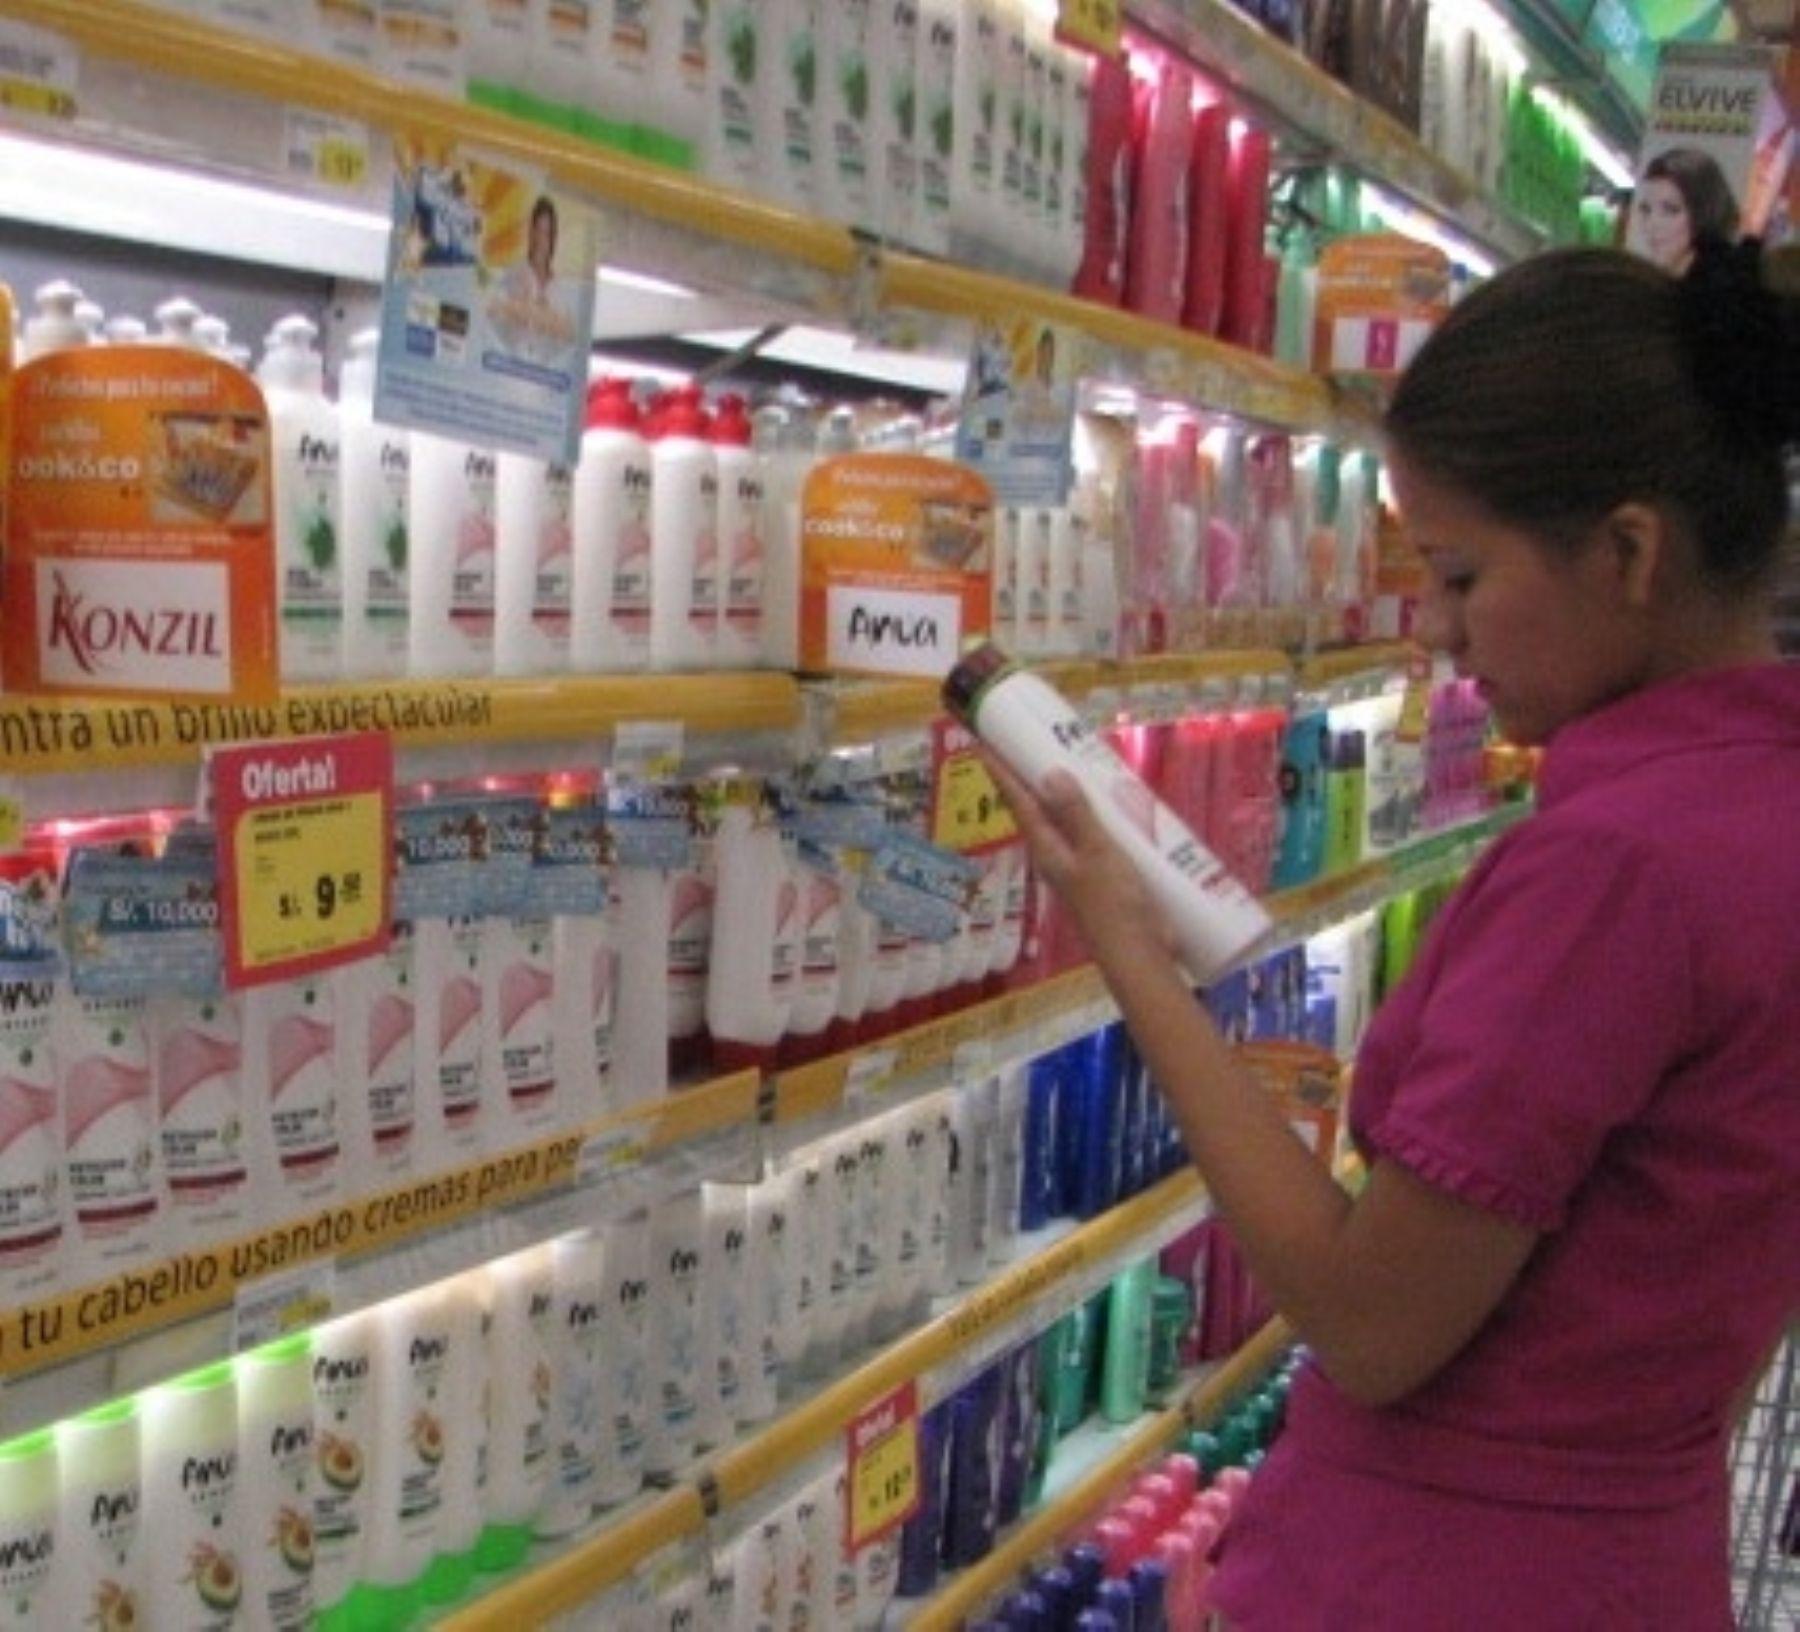 Venta en supermercados. Foto: Andina/Difusión.